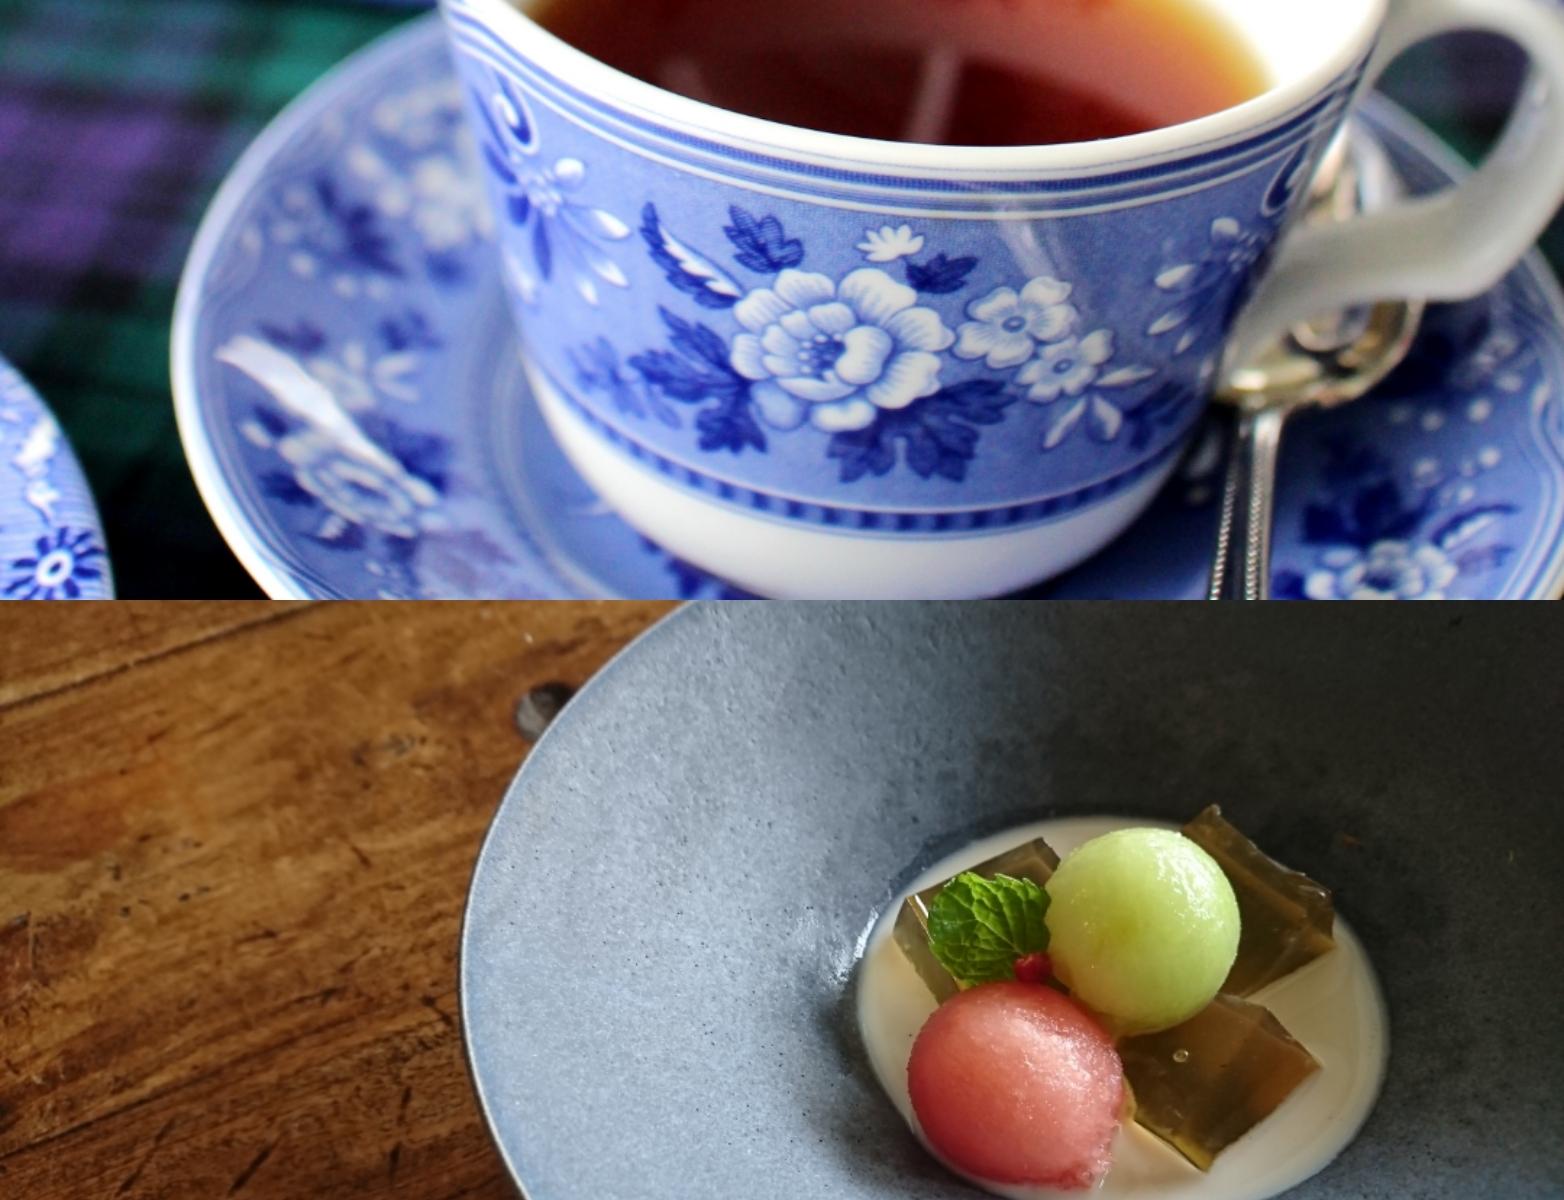 紅茶の入ったカップと夏菓子の入った器が並んでいます。